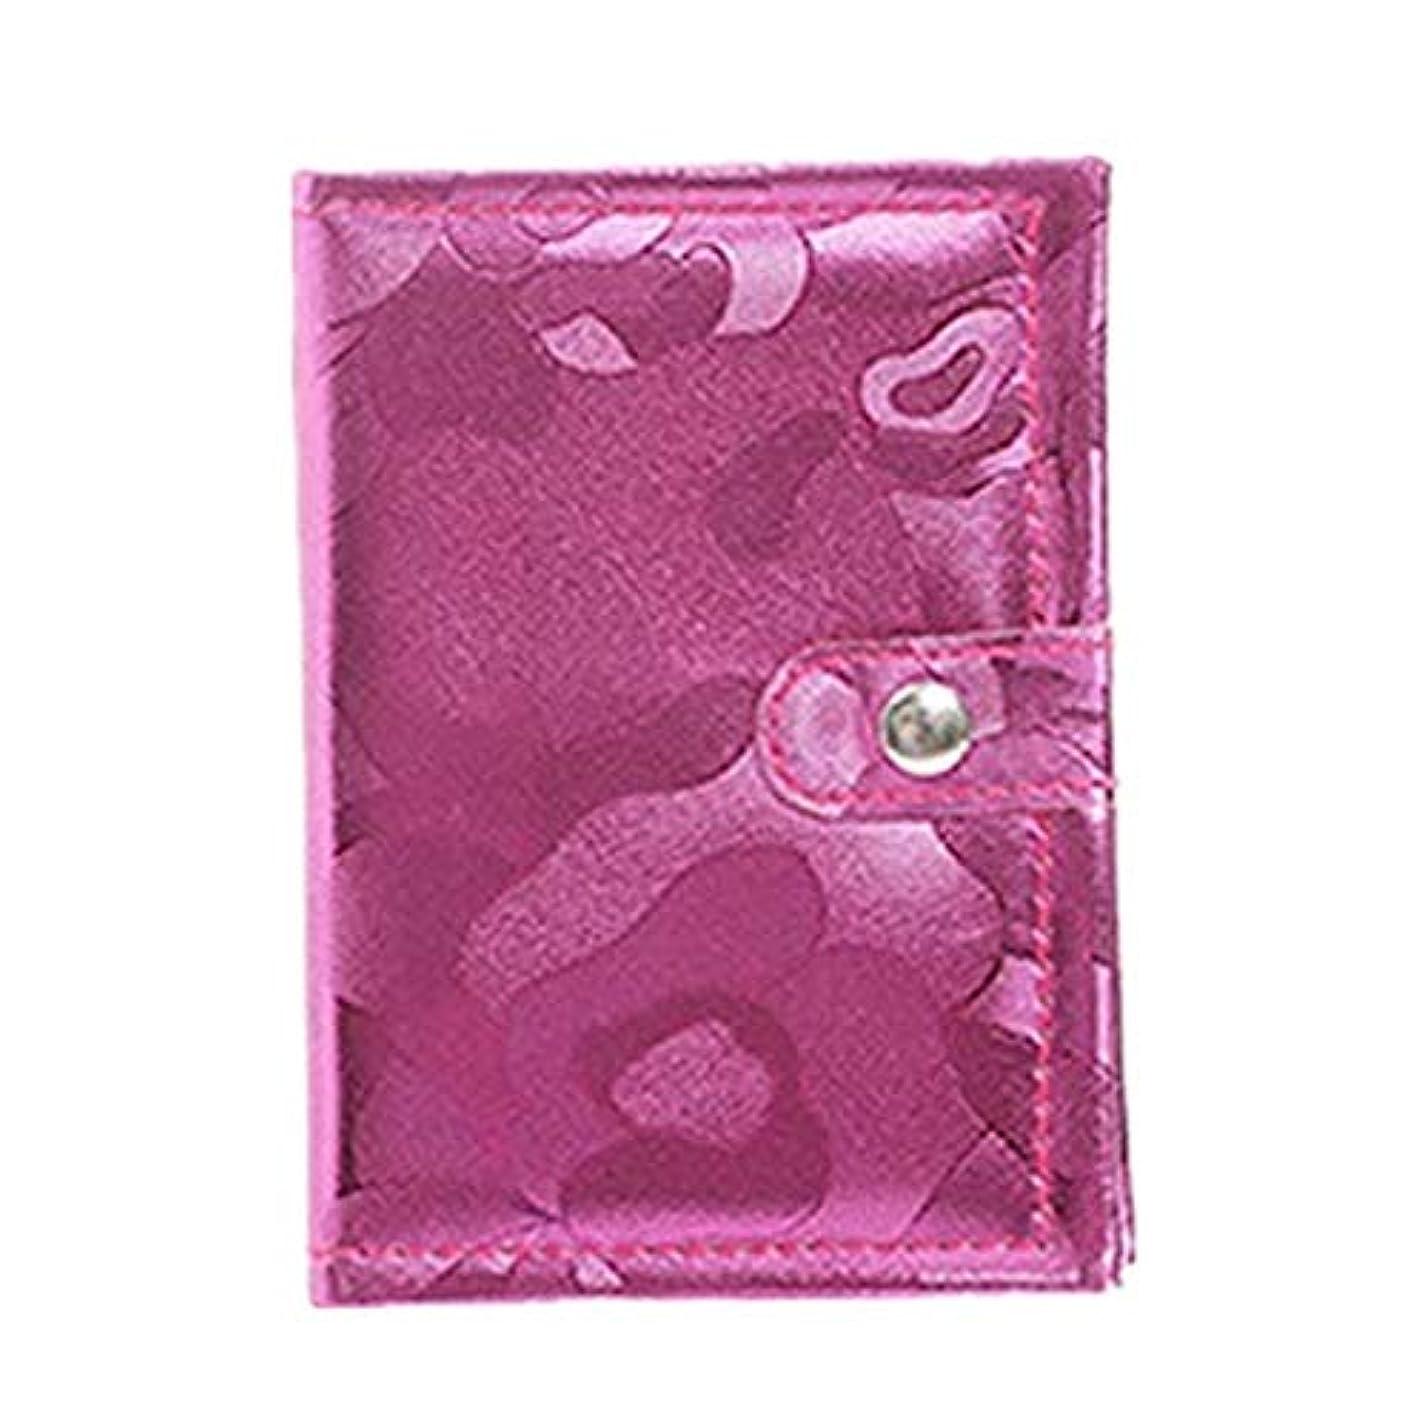 ラオス人哲学者糞32色のアイシャドウダイヤモンドアイシャドウパールアイシャドウアイシャドウディスクの美容製品を非ドレッシングスティング